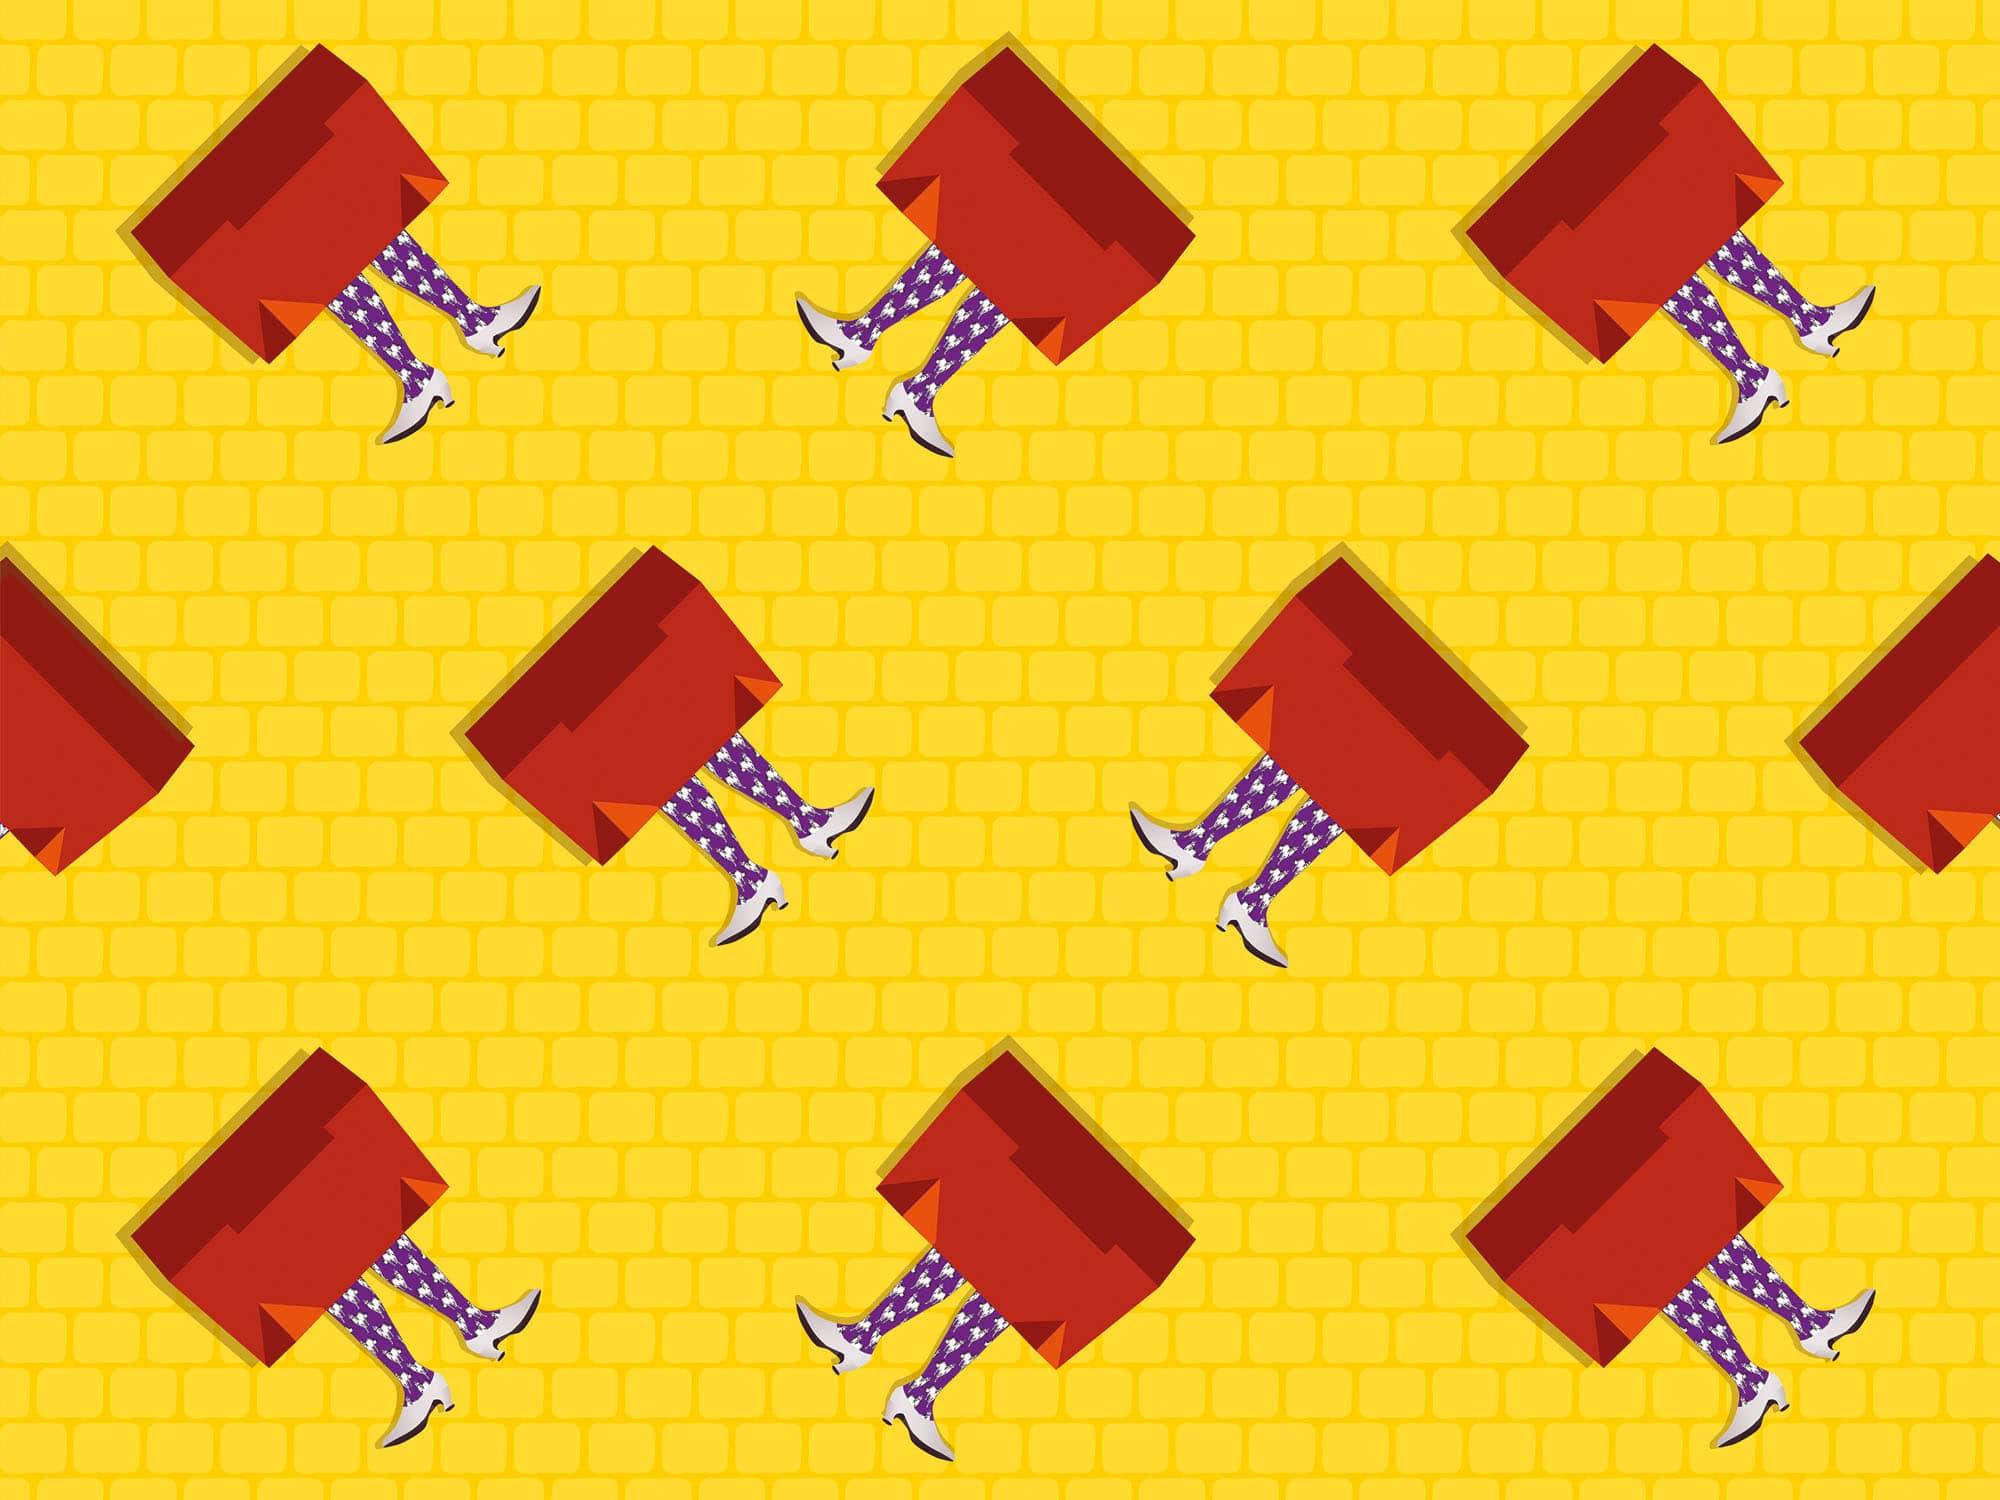 BrainVox - Fabric Design